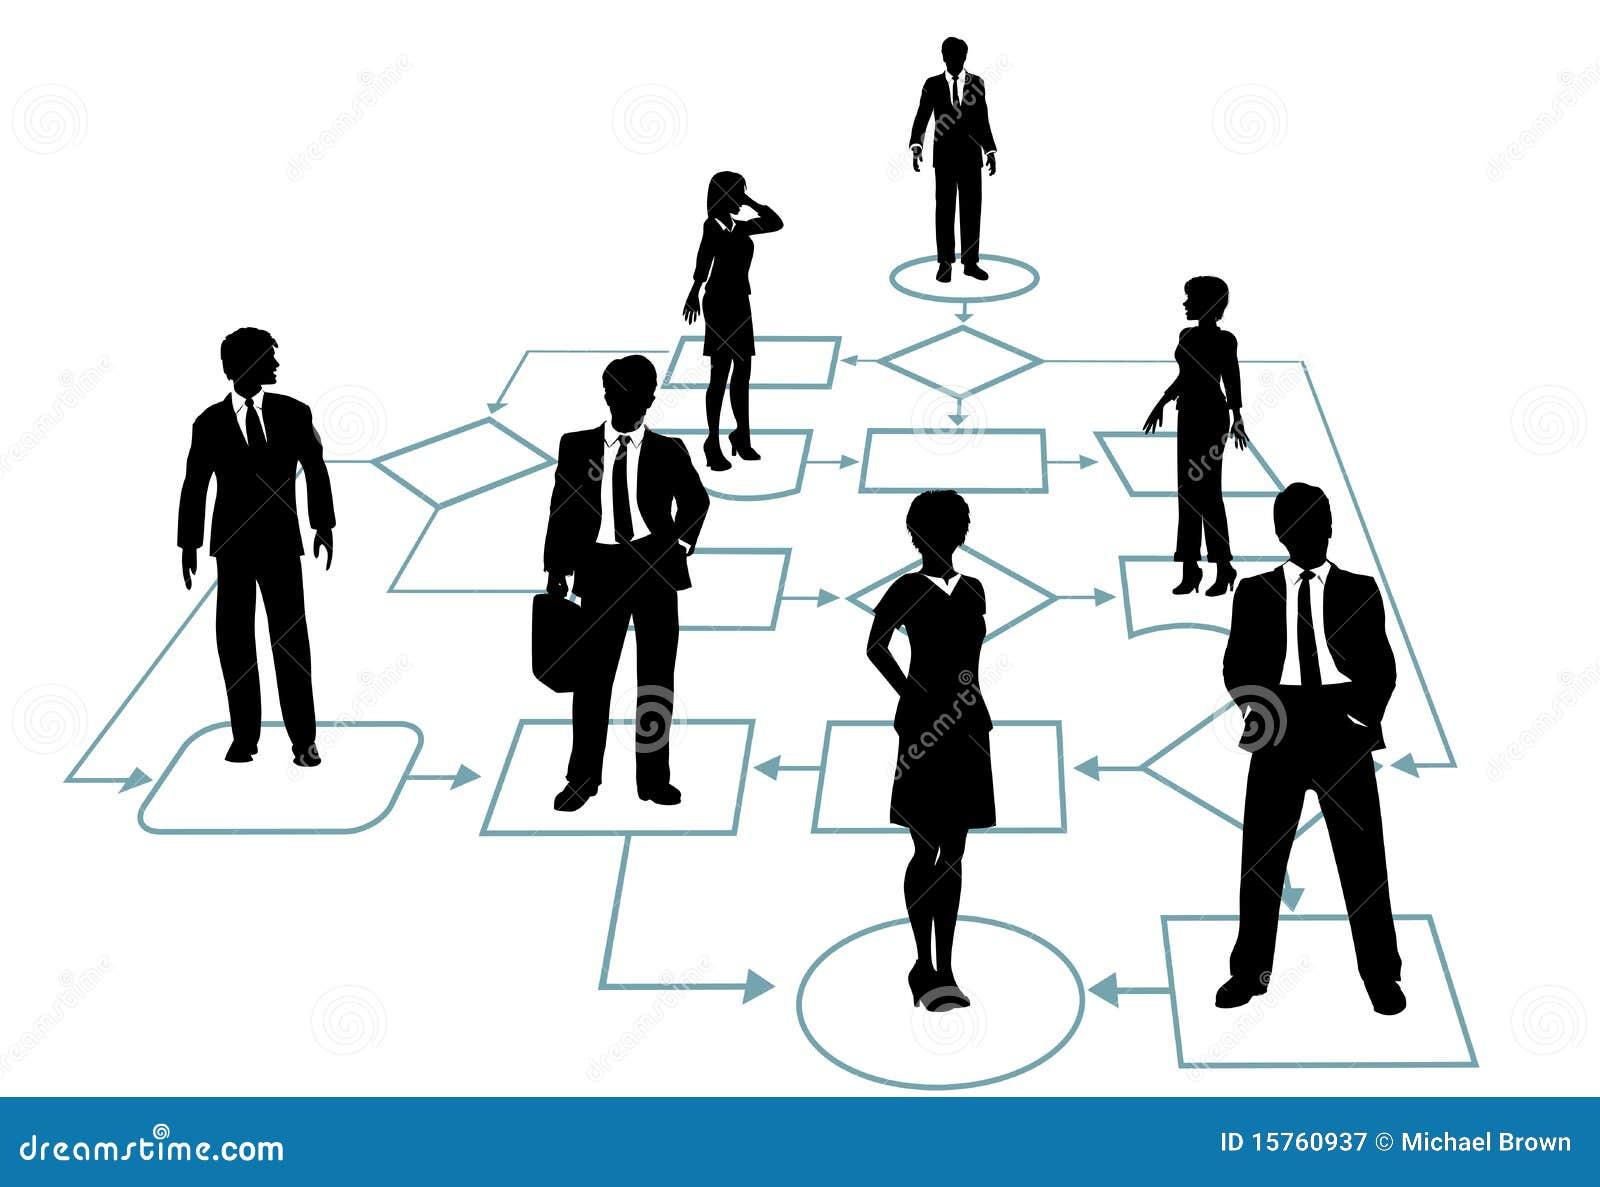 企业流程图管理进程小组